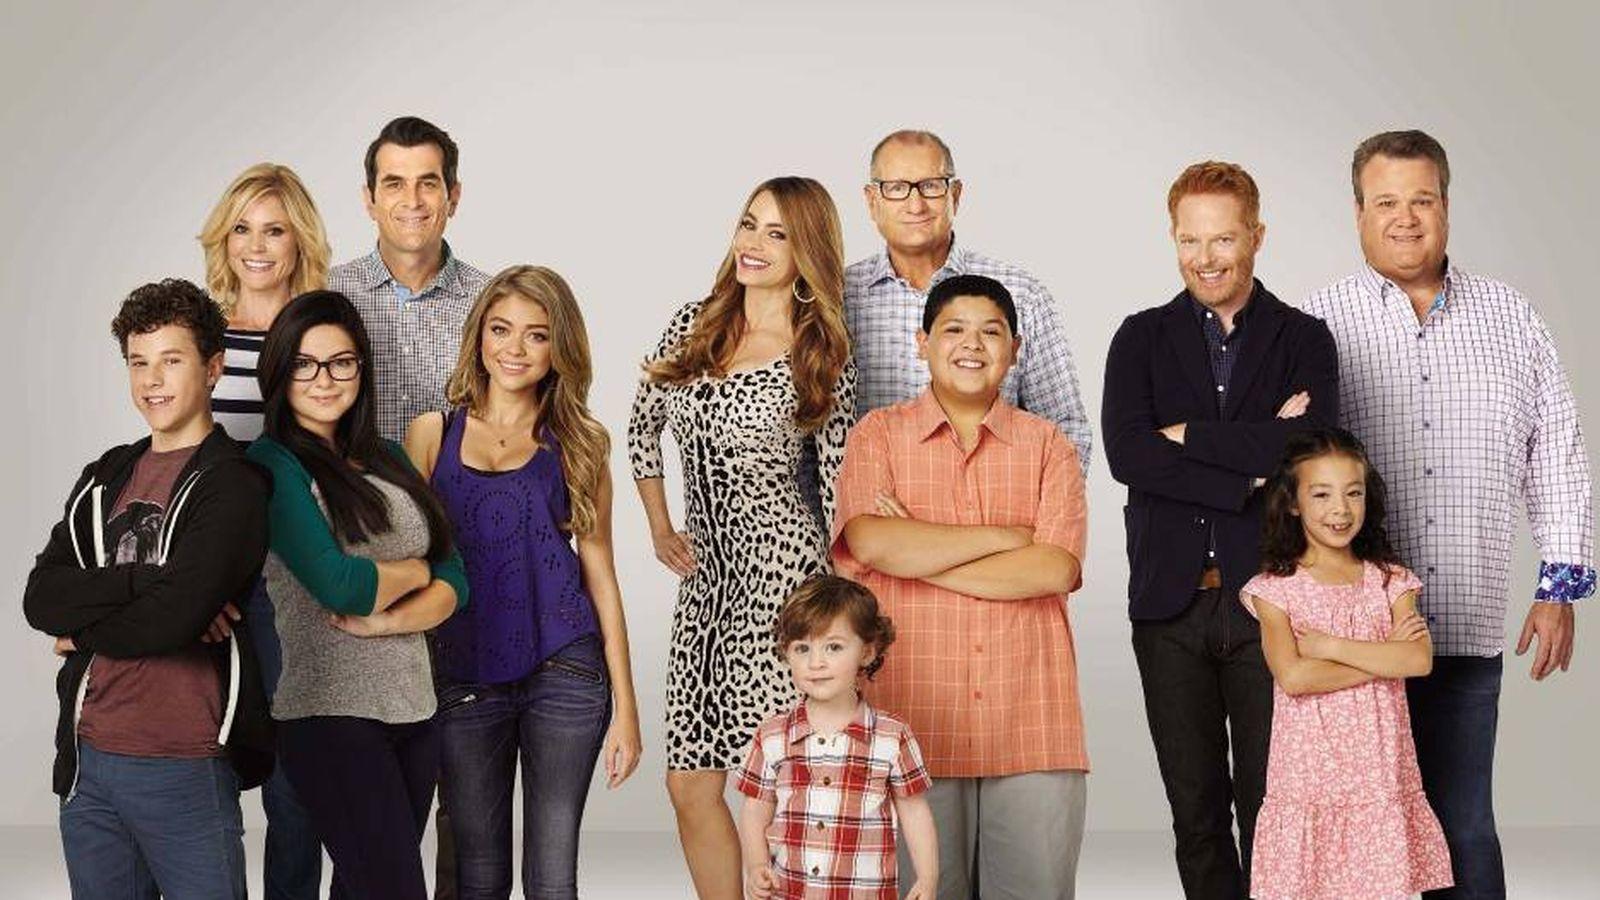 Foto: 'Modern Family' terminará con su temporada 11. (ABC)